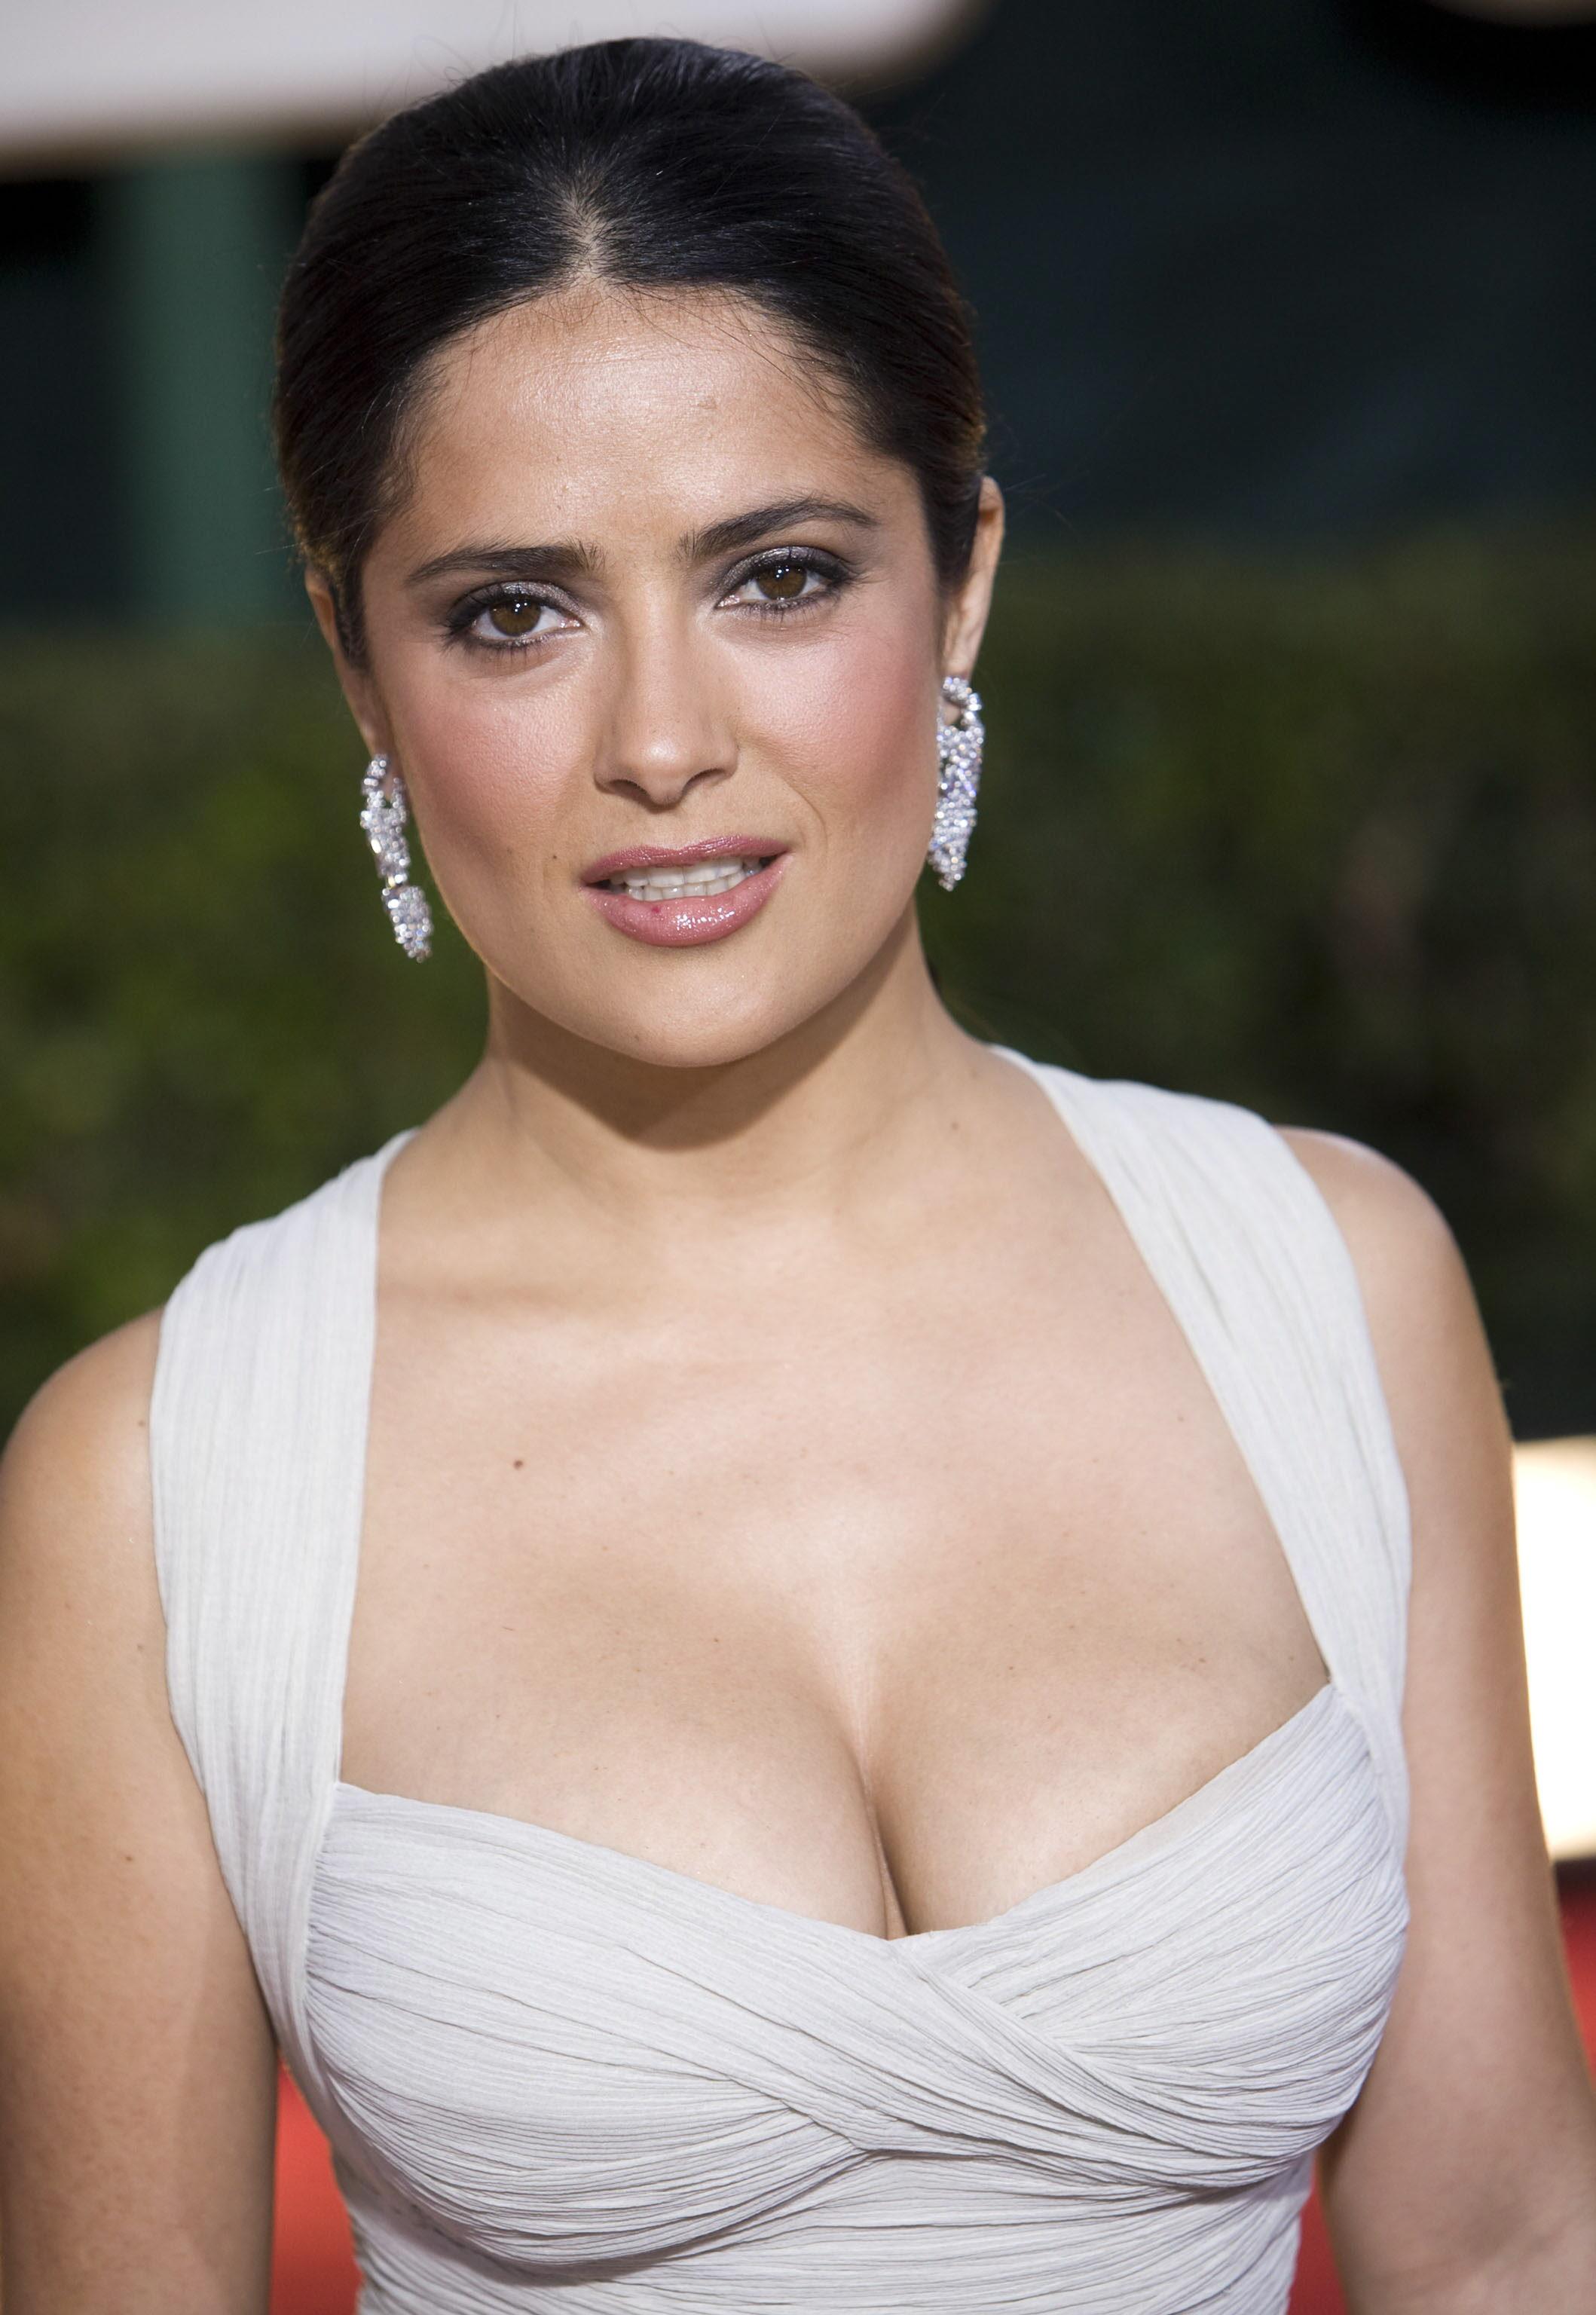 actriz mexicana Salma Hayek está encantada con su vida familiar, con ... Adam Sandler